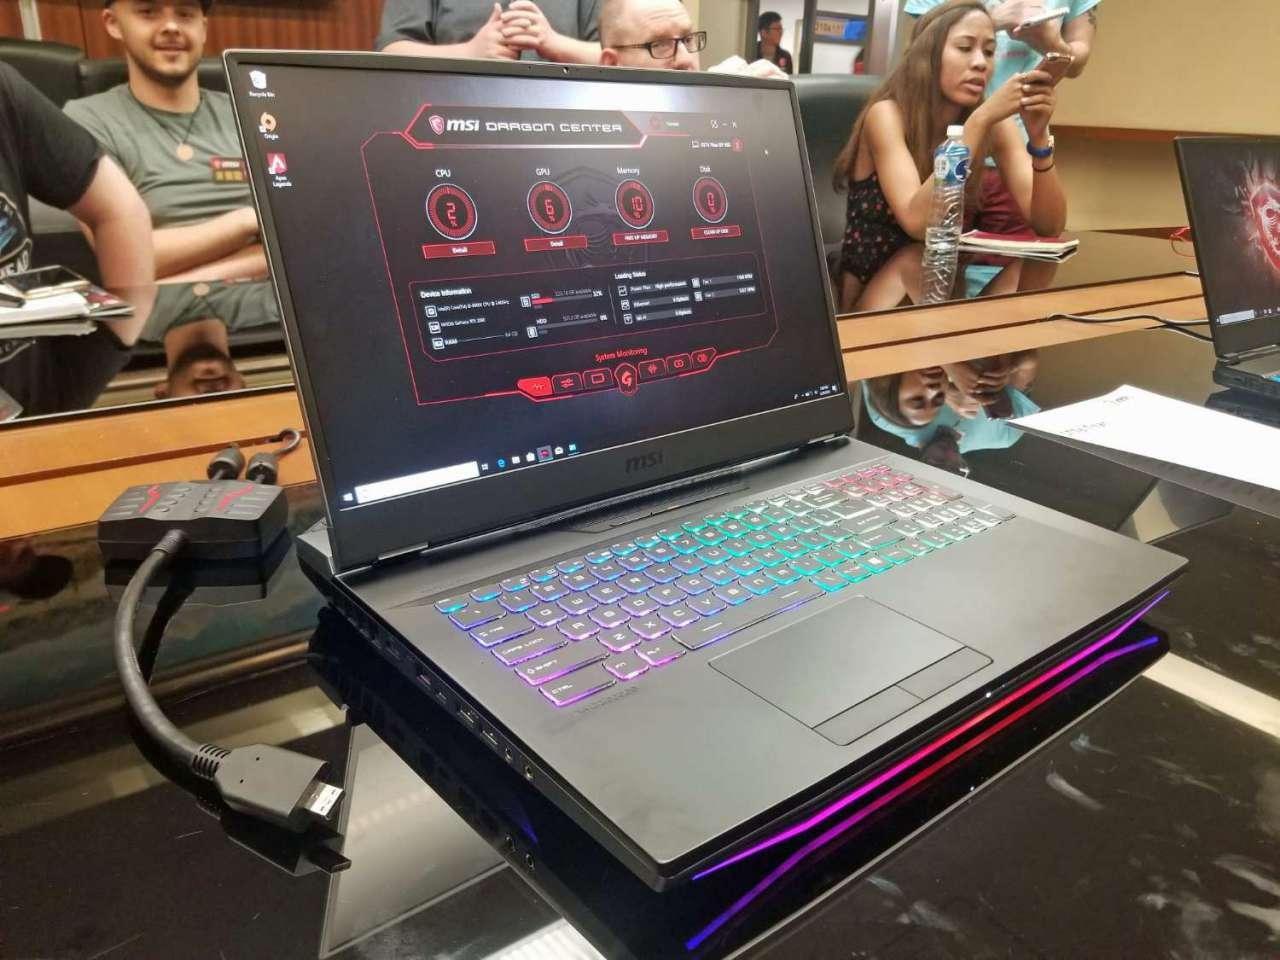 کامپیوتکس 2019: اماسآی لپتاپ گیمینگ GT76 Titan را معرفی کرد